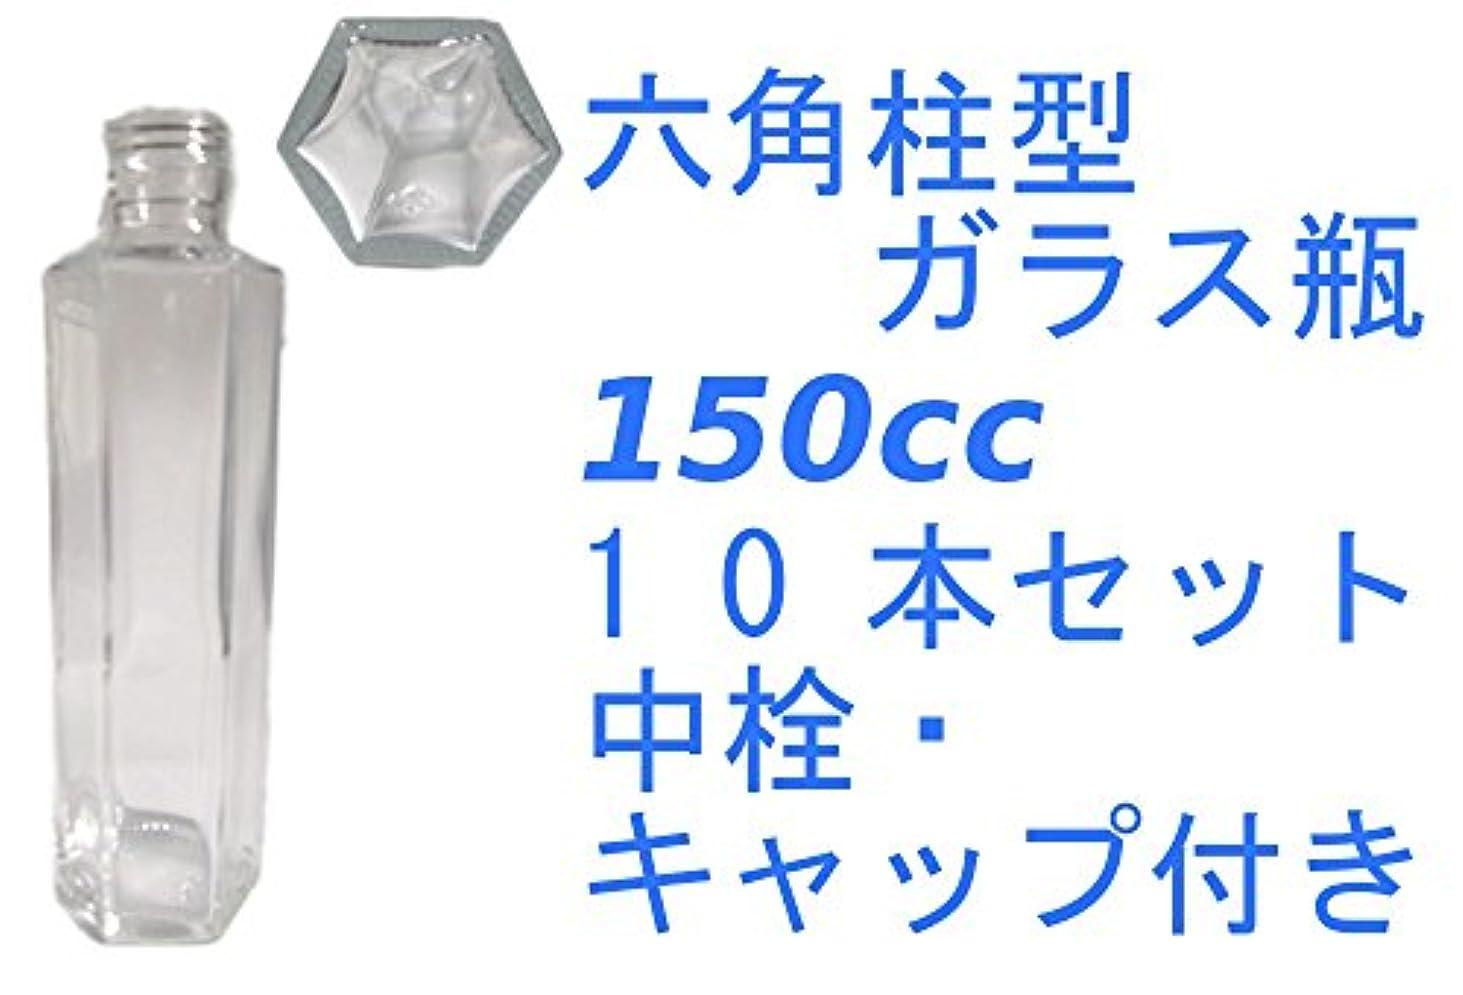 れんが化粧タンカー(ジャストユーズ) JustU's 日本製 ポリ栓 中栓付き六角柱型ガラス瓶 10本セット 150cc 150ml アロマディフューザー ハーバリウム 調味料 オイル タレ ドレッシング瓶 B10-SSF150A-A